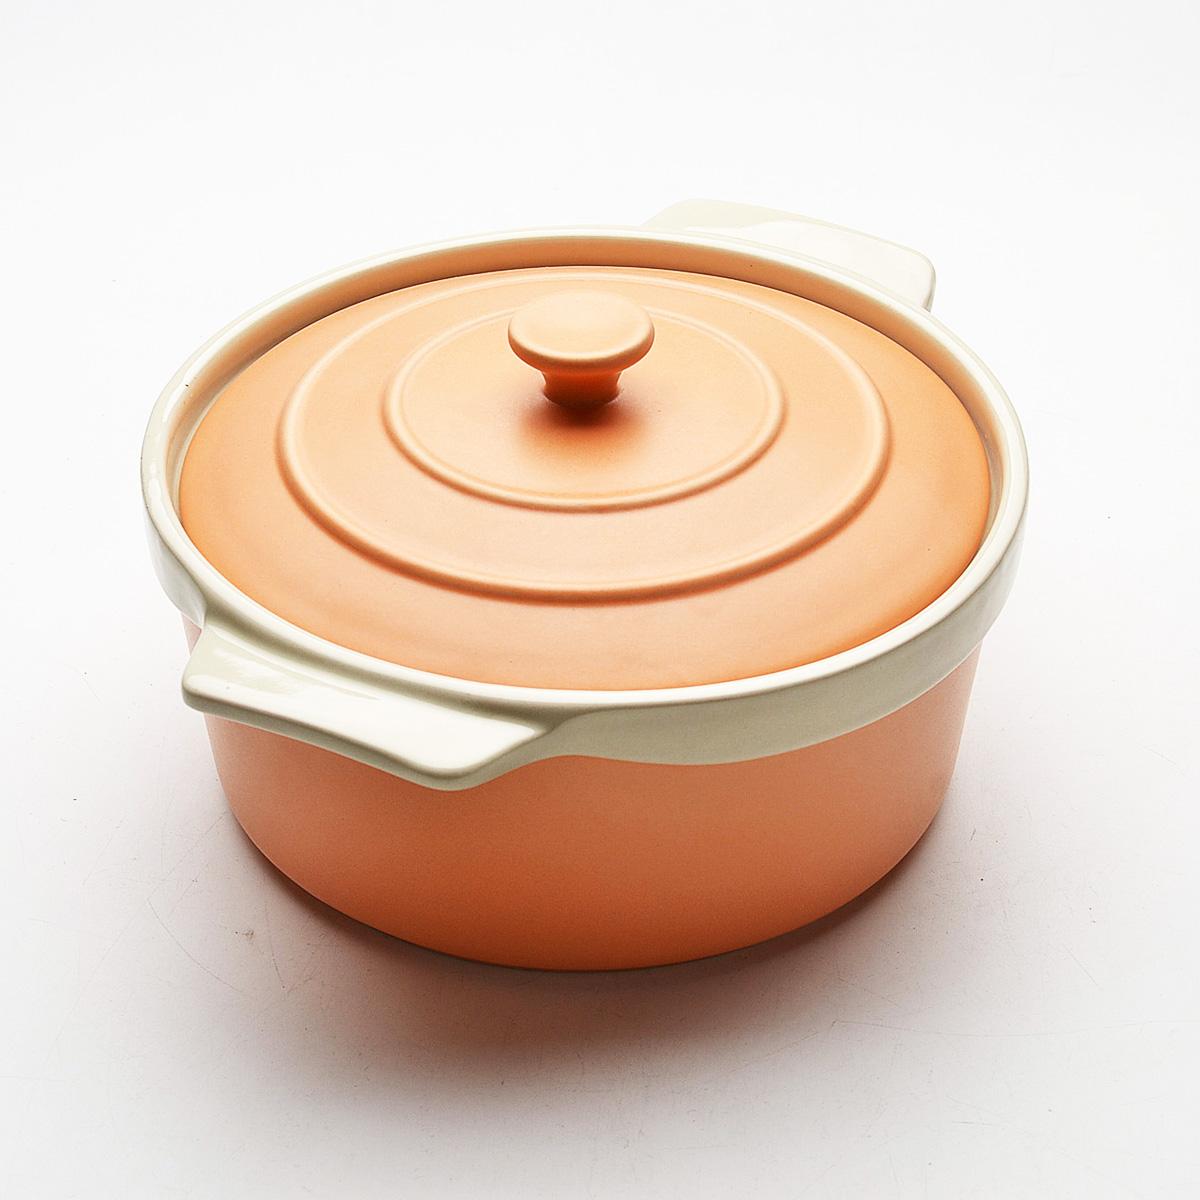 Жаровня Mayer & Boch с крышкой, цвет: оранжевый, бежевый, 2 л. 21787075626Жаровня Mayer & Boch, изготовленная из высококачественной керамики, подходит для любого вида пищи. Элегантный дизайн идеально подходит для современного дома. В комплект входит крышка из керамики. Пища, приготовленная в керамической посуде, сохраняет свои вкусовые качества, и благодаря экологической чистоте материала, не может нанести вред здоровью человека. Керамика - один из самых лучших материалов, который удерживает тепло, медленно и равномерно его распределяет. Максимальный нагрев - 400°С.С такой жаровней вы всегда сможете порадовать своих близких оригинальным блюдом. Жаровню можно использовать в духовом шкафу, в микроволновой печи, замораживать в холодильнике. Можно мыть в посудомоечной машине.Ширина жаровни (с учетом ручек): 25 см. Высота стенок: 7 см. Толщина стенок: 6-7 мм.